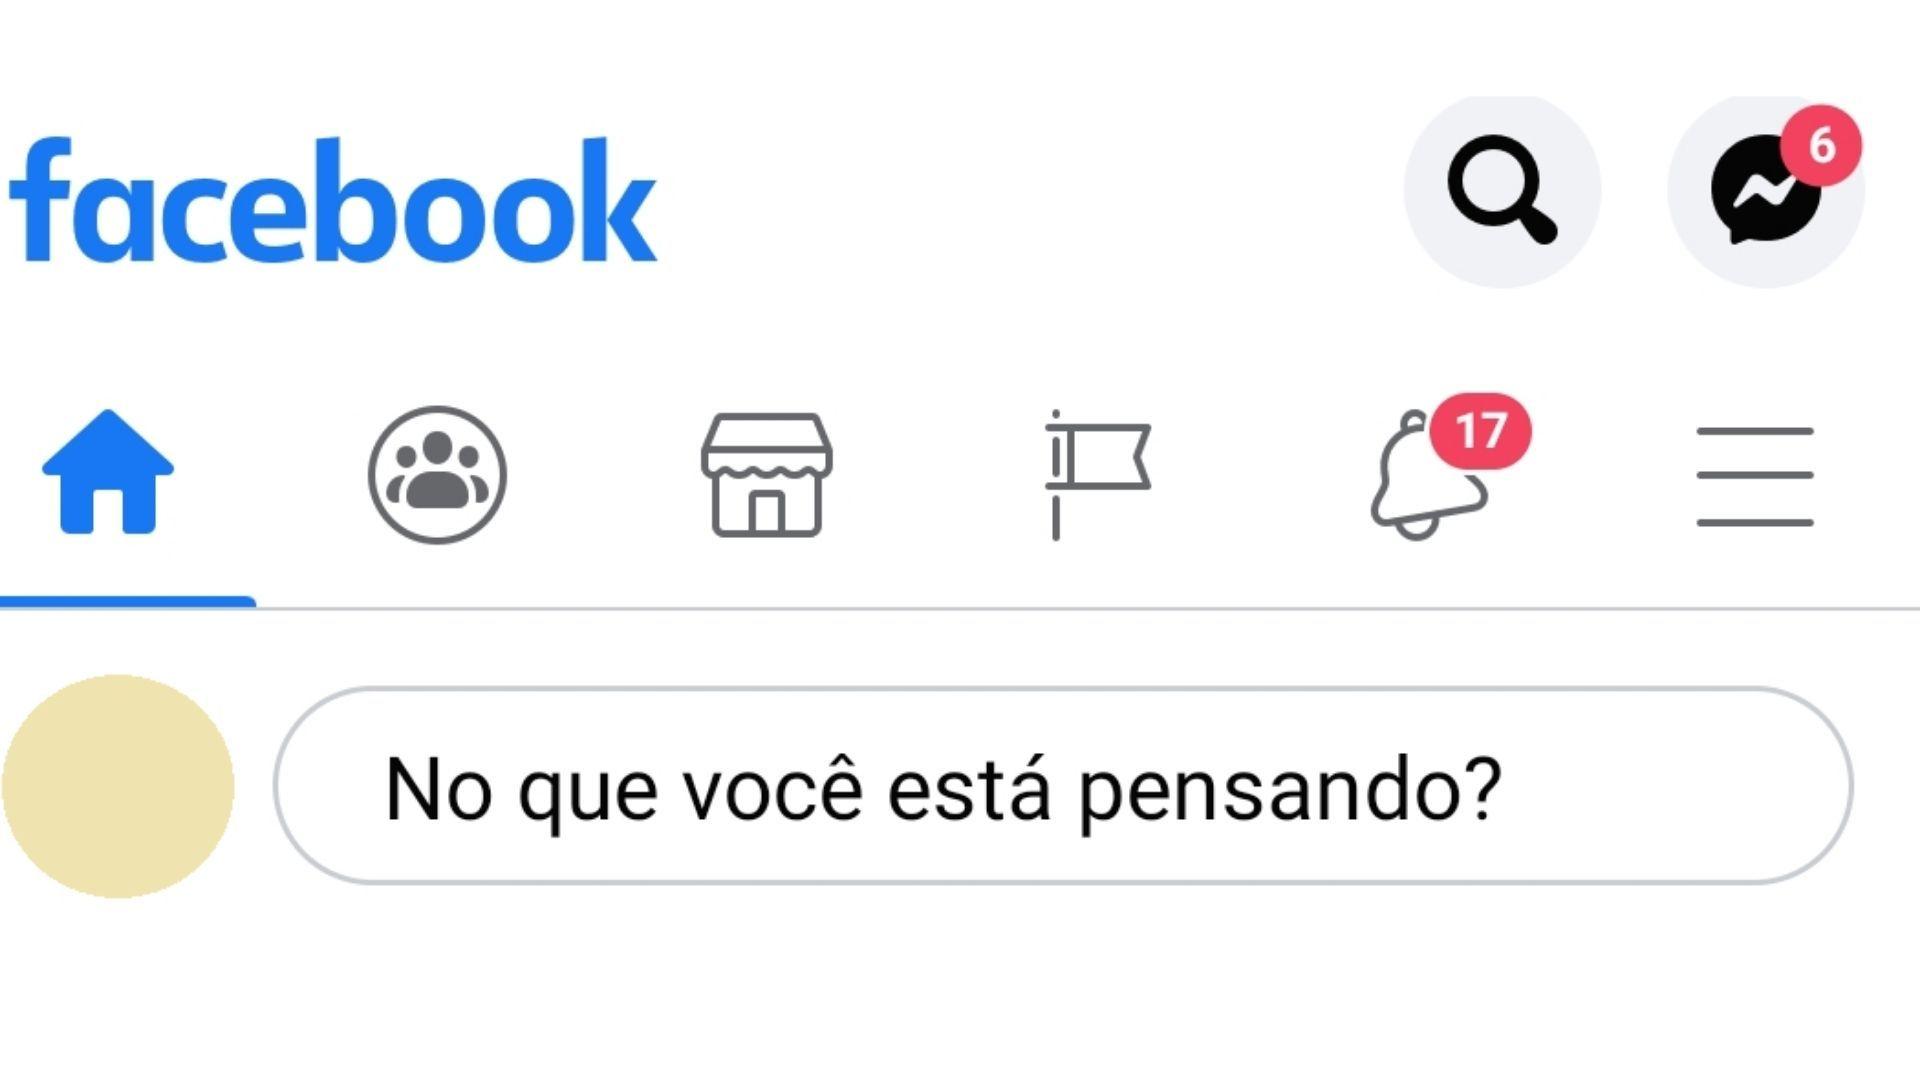 Para criar uma nova localização é preciso acessar o Facebook. (imagem: reprodução)